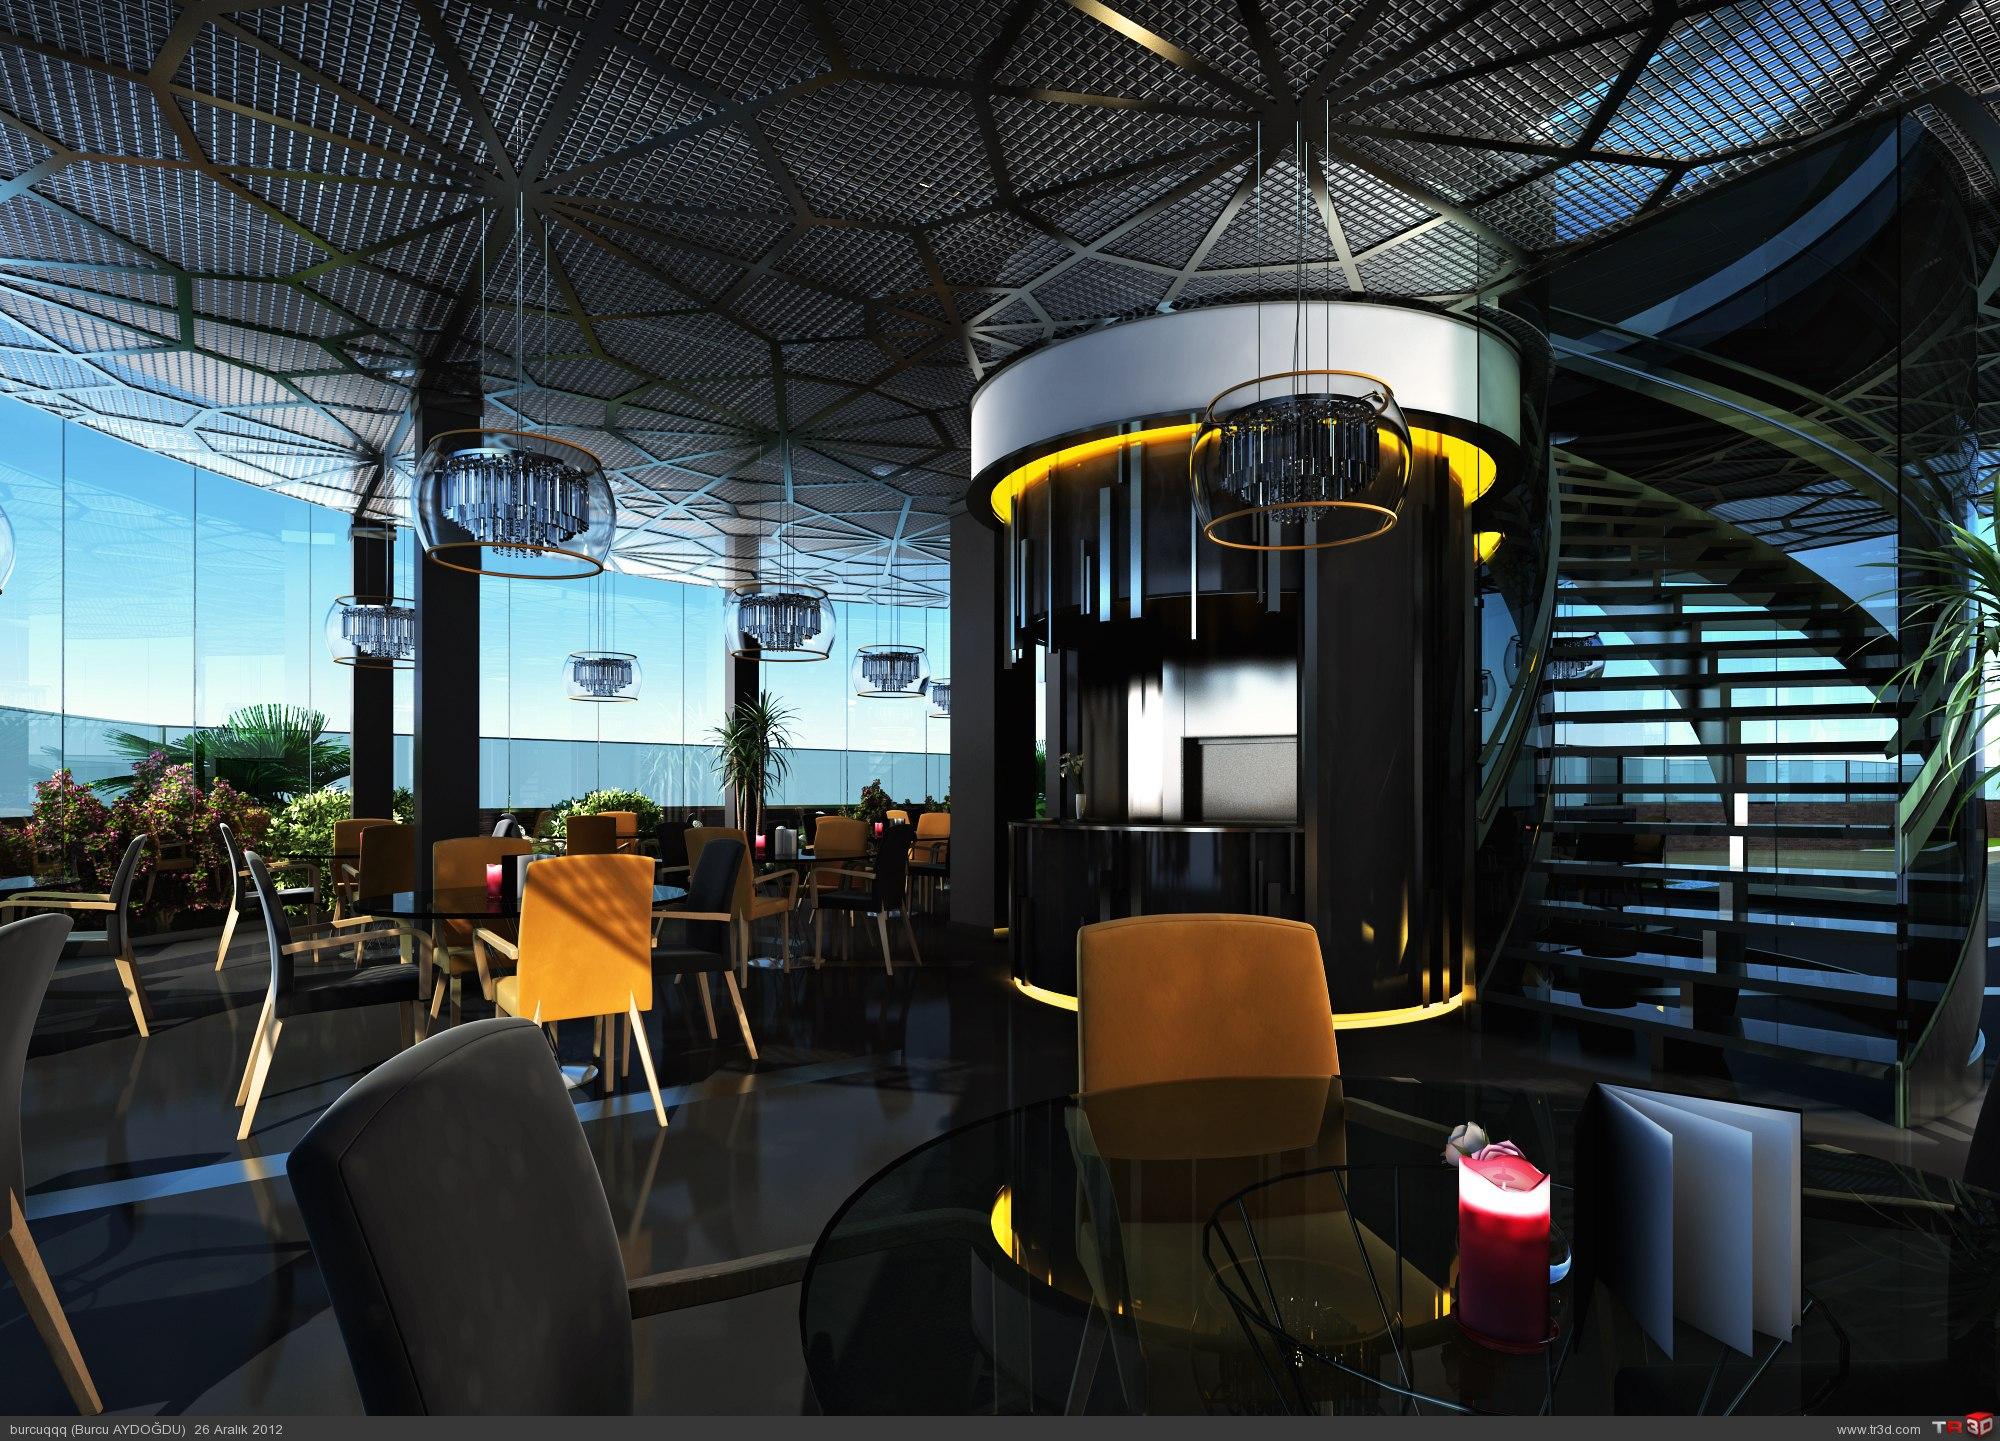 Tunus Restoran-cafe 2